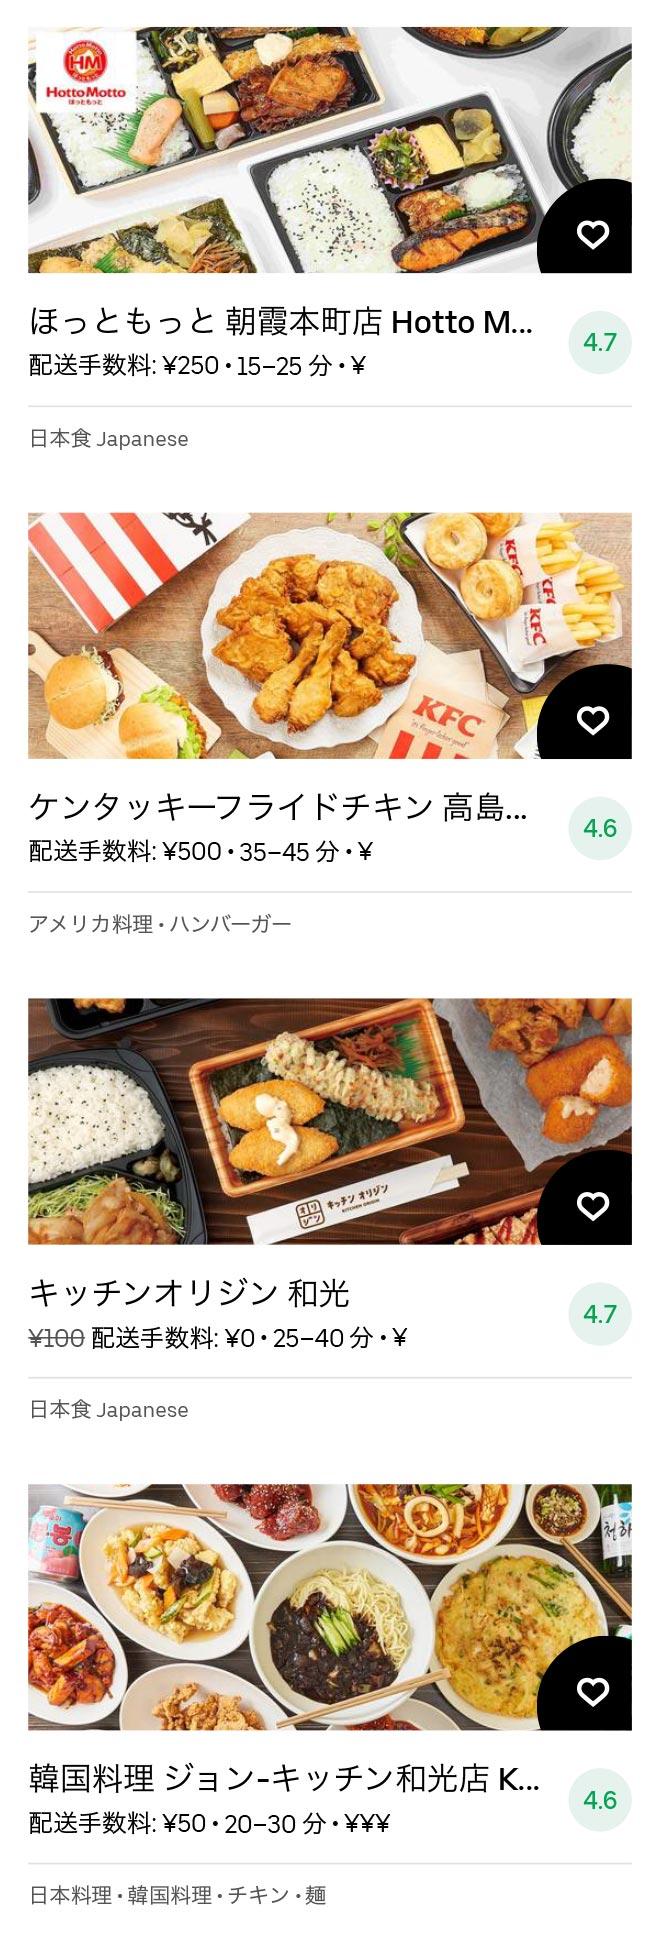 Waco shi menu 2011 04